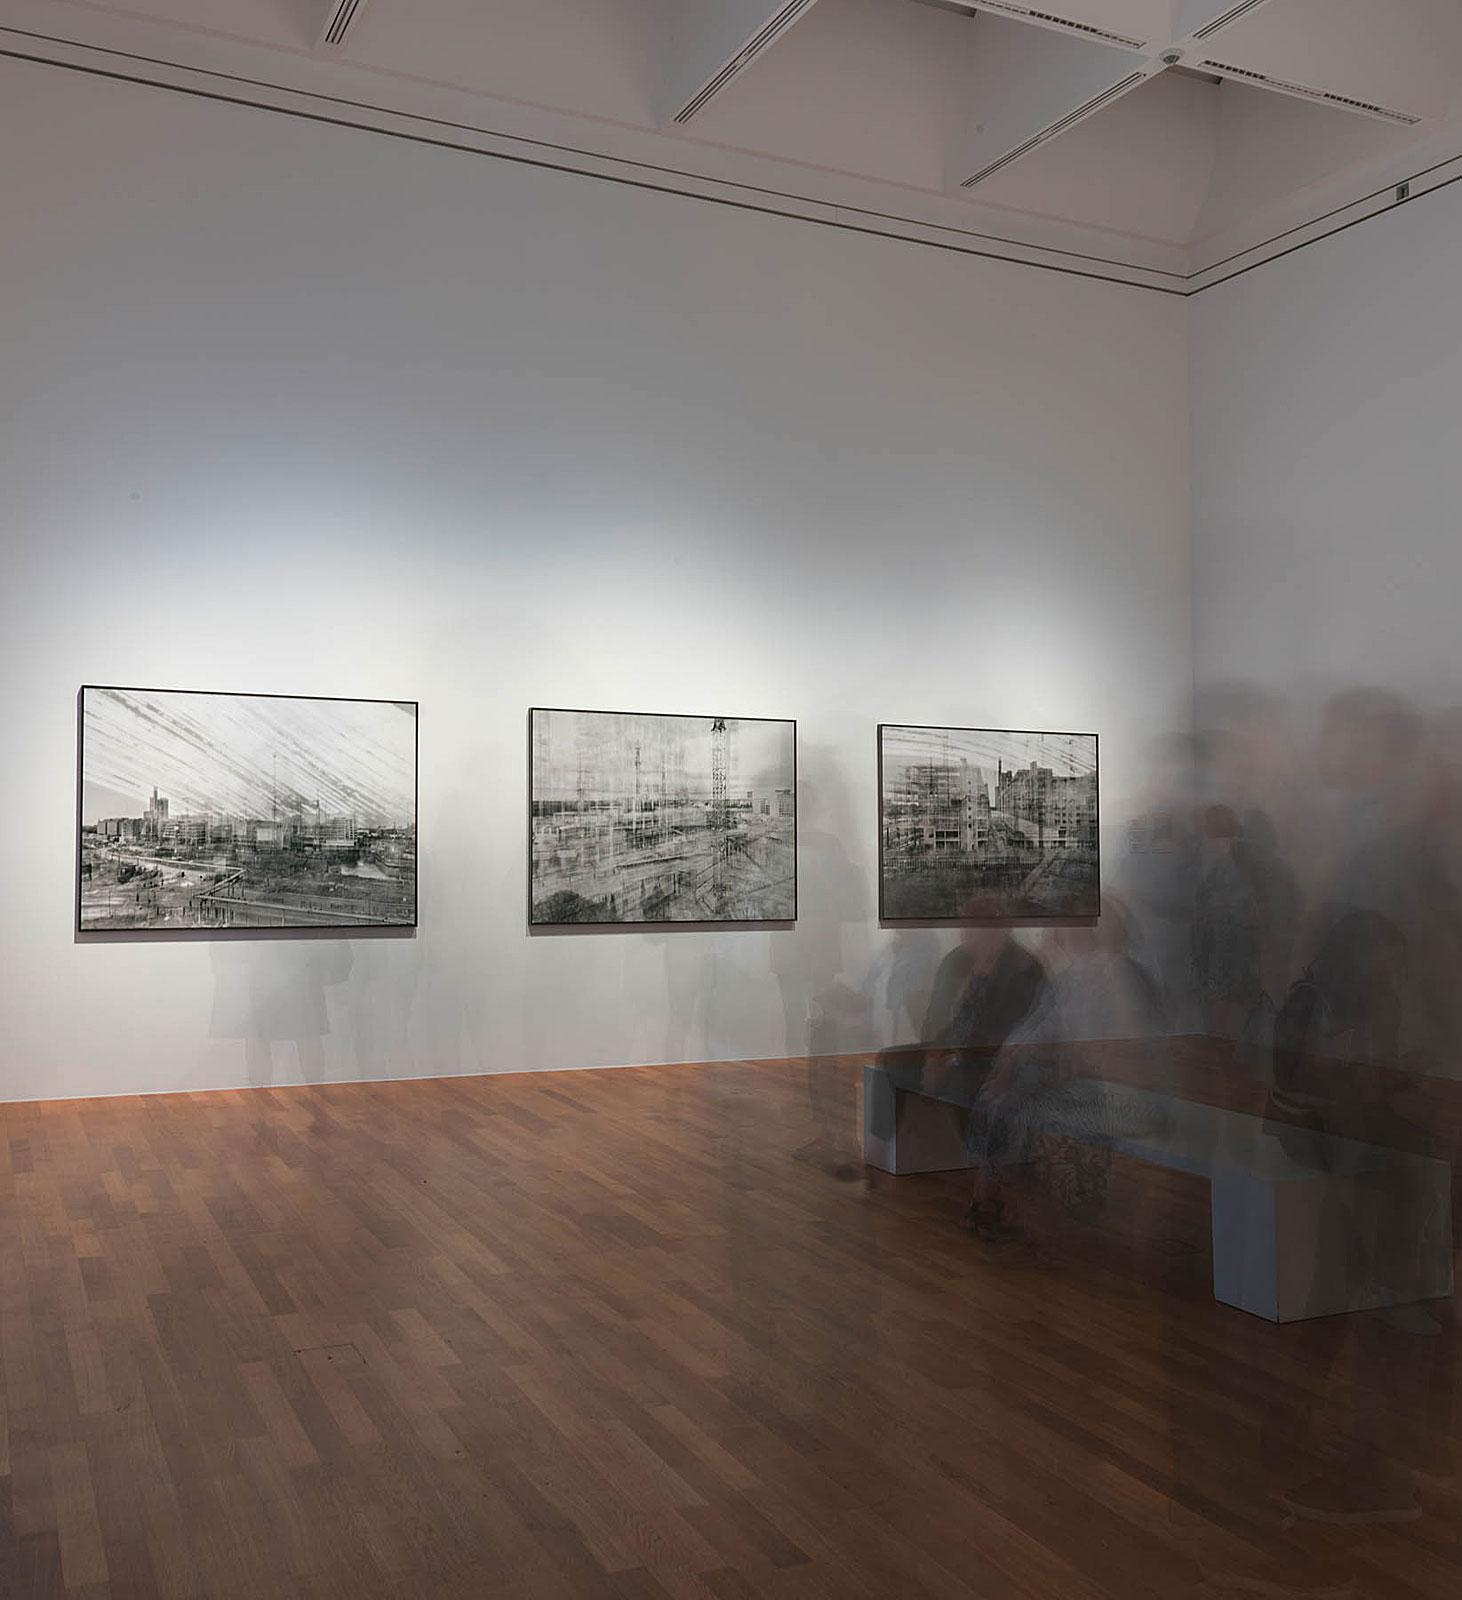 """Ausstellung """"EchtZEIT"""", Kunstmuseum Bonn (21.29 - 21.36 Uhr, 8.6.2016)"""